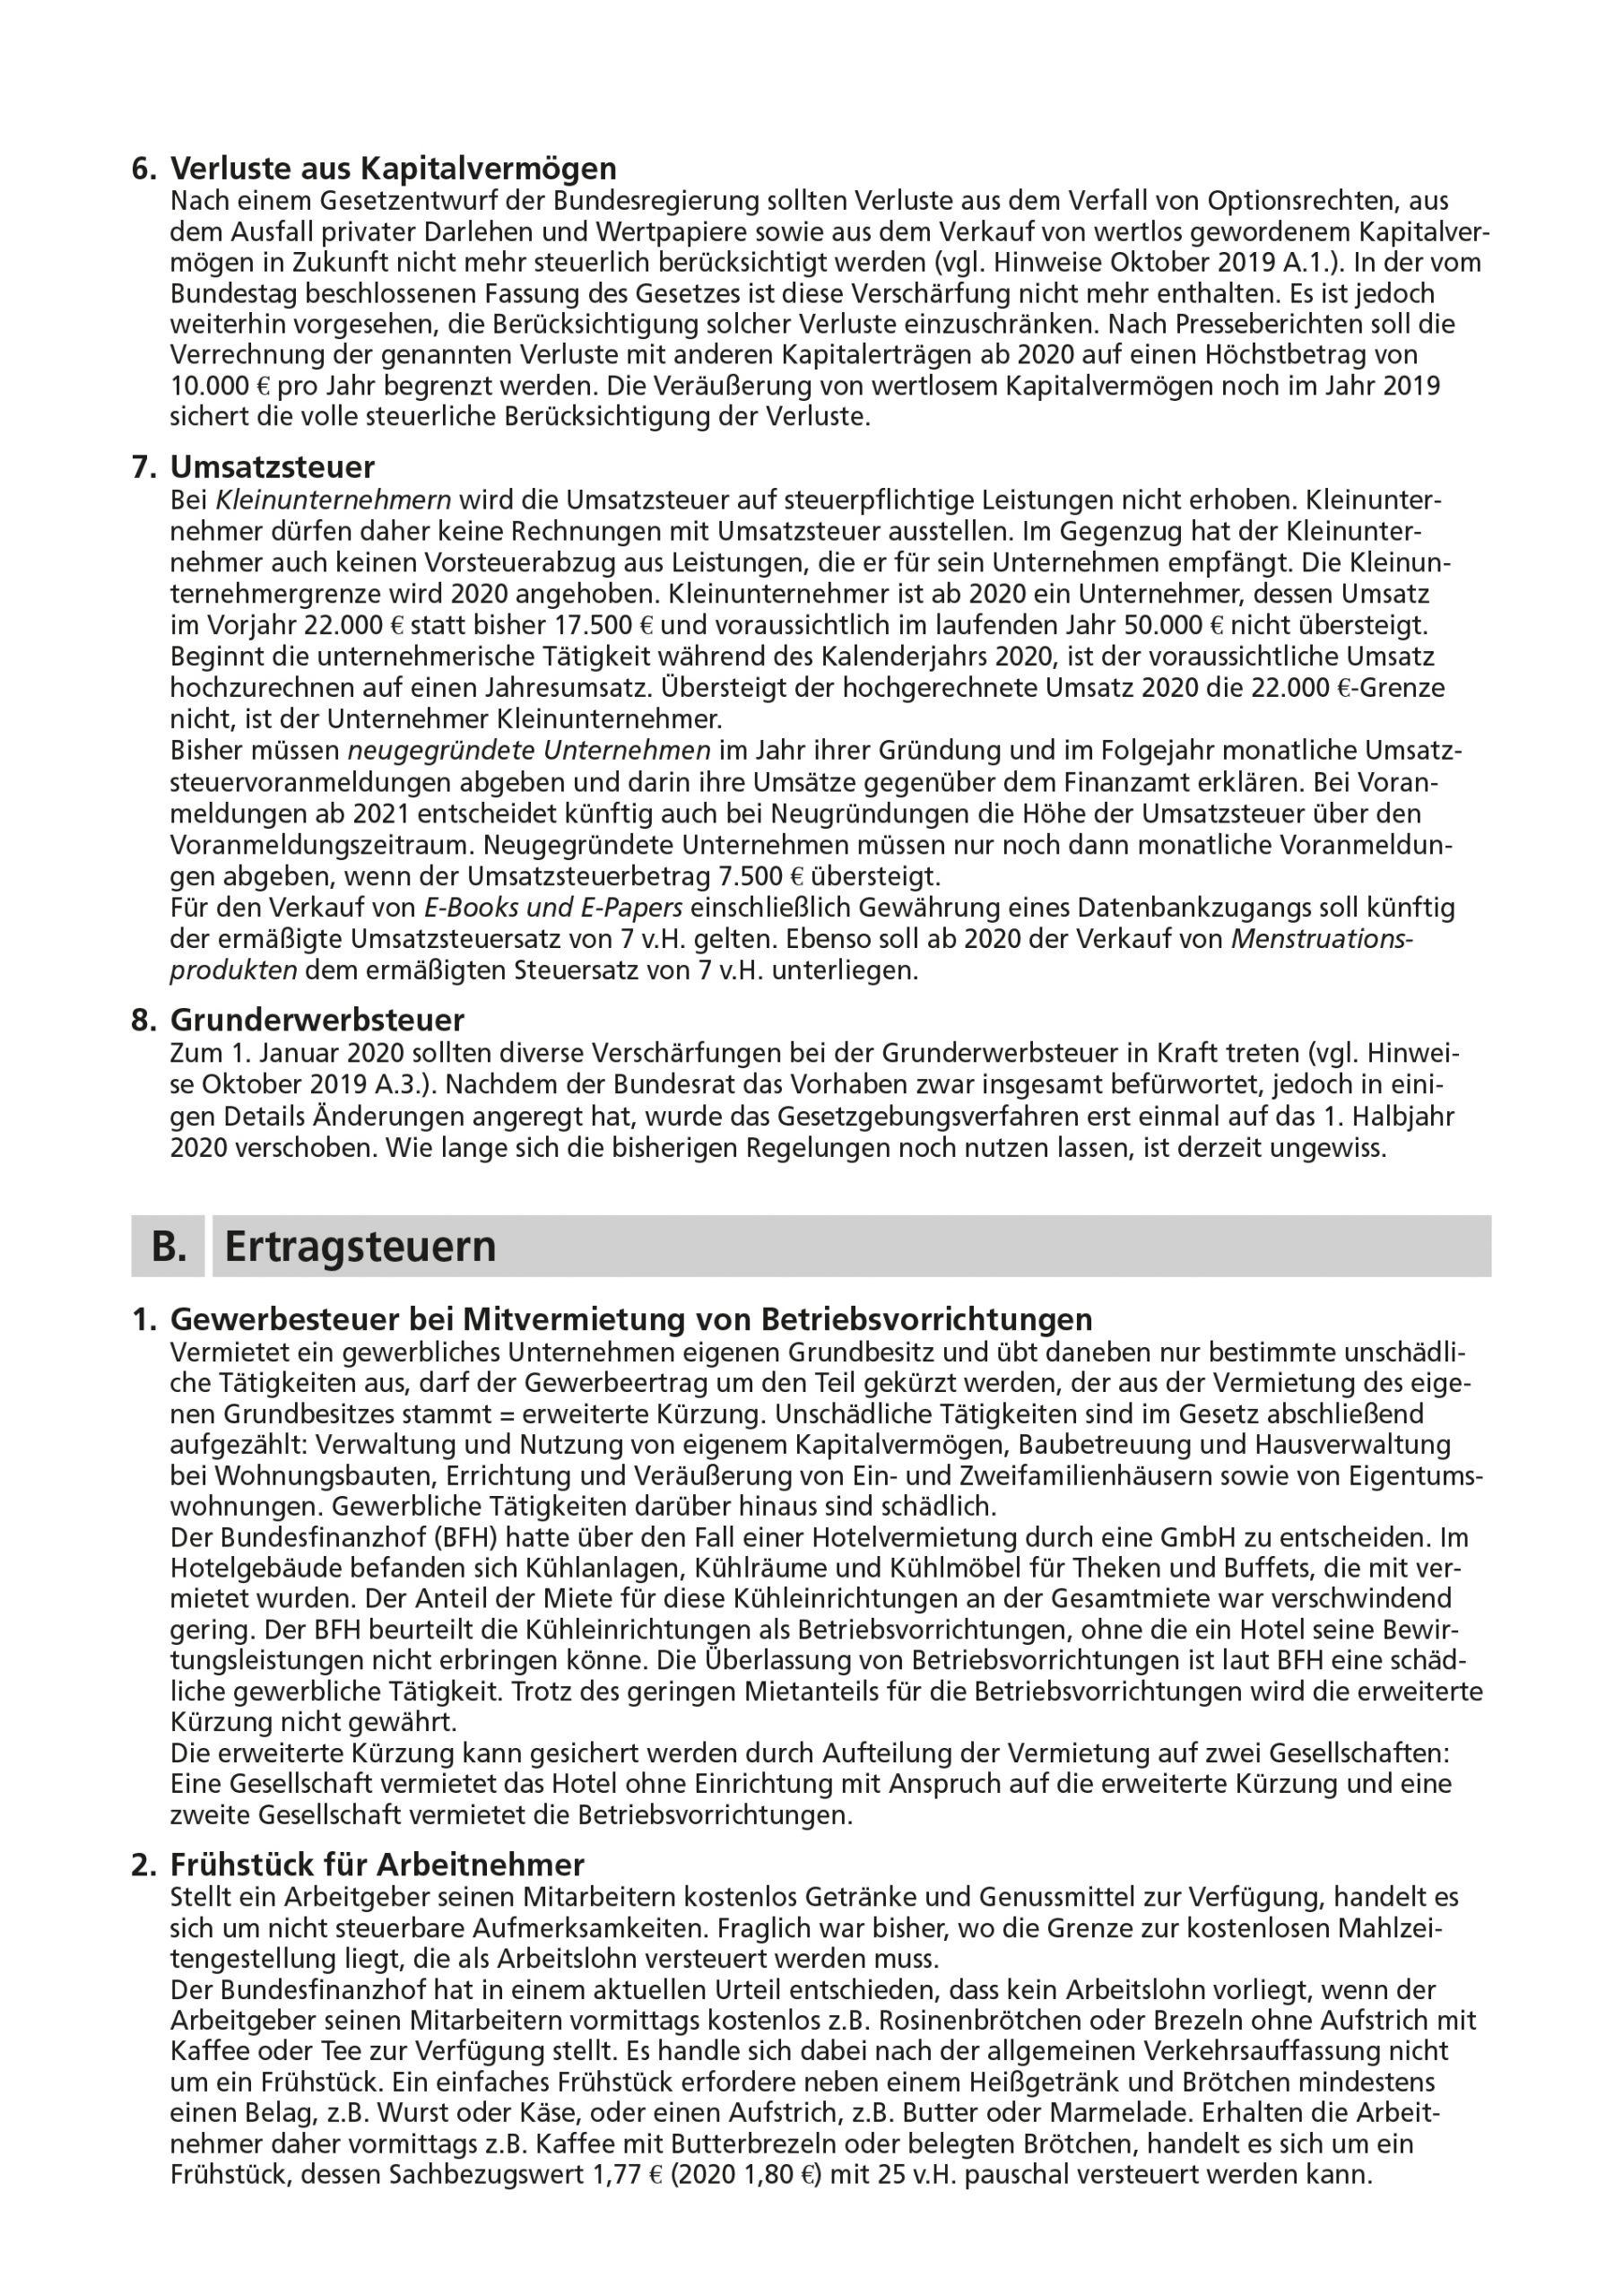 js-tax Steuerberatung Mandantenrundschreiben 2019-12 S3